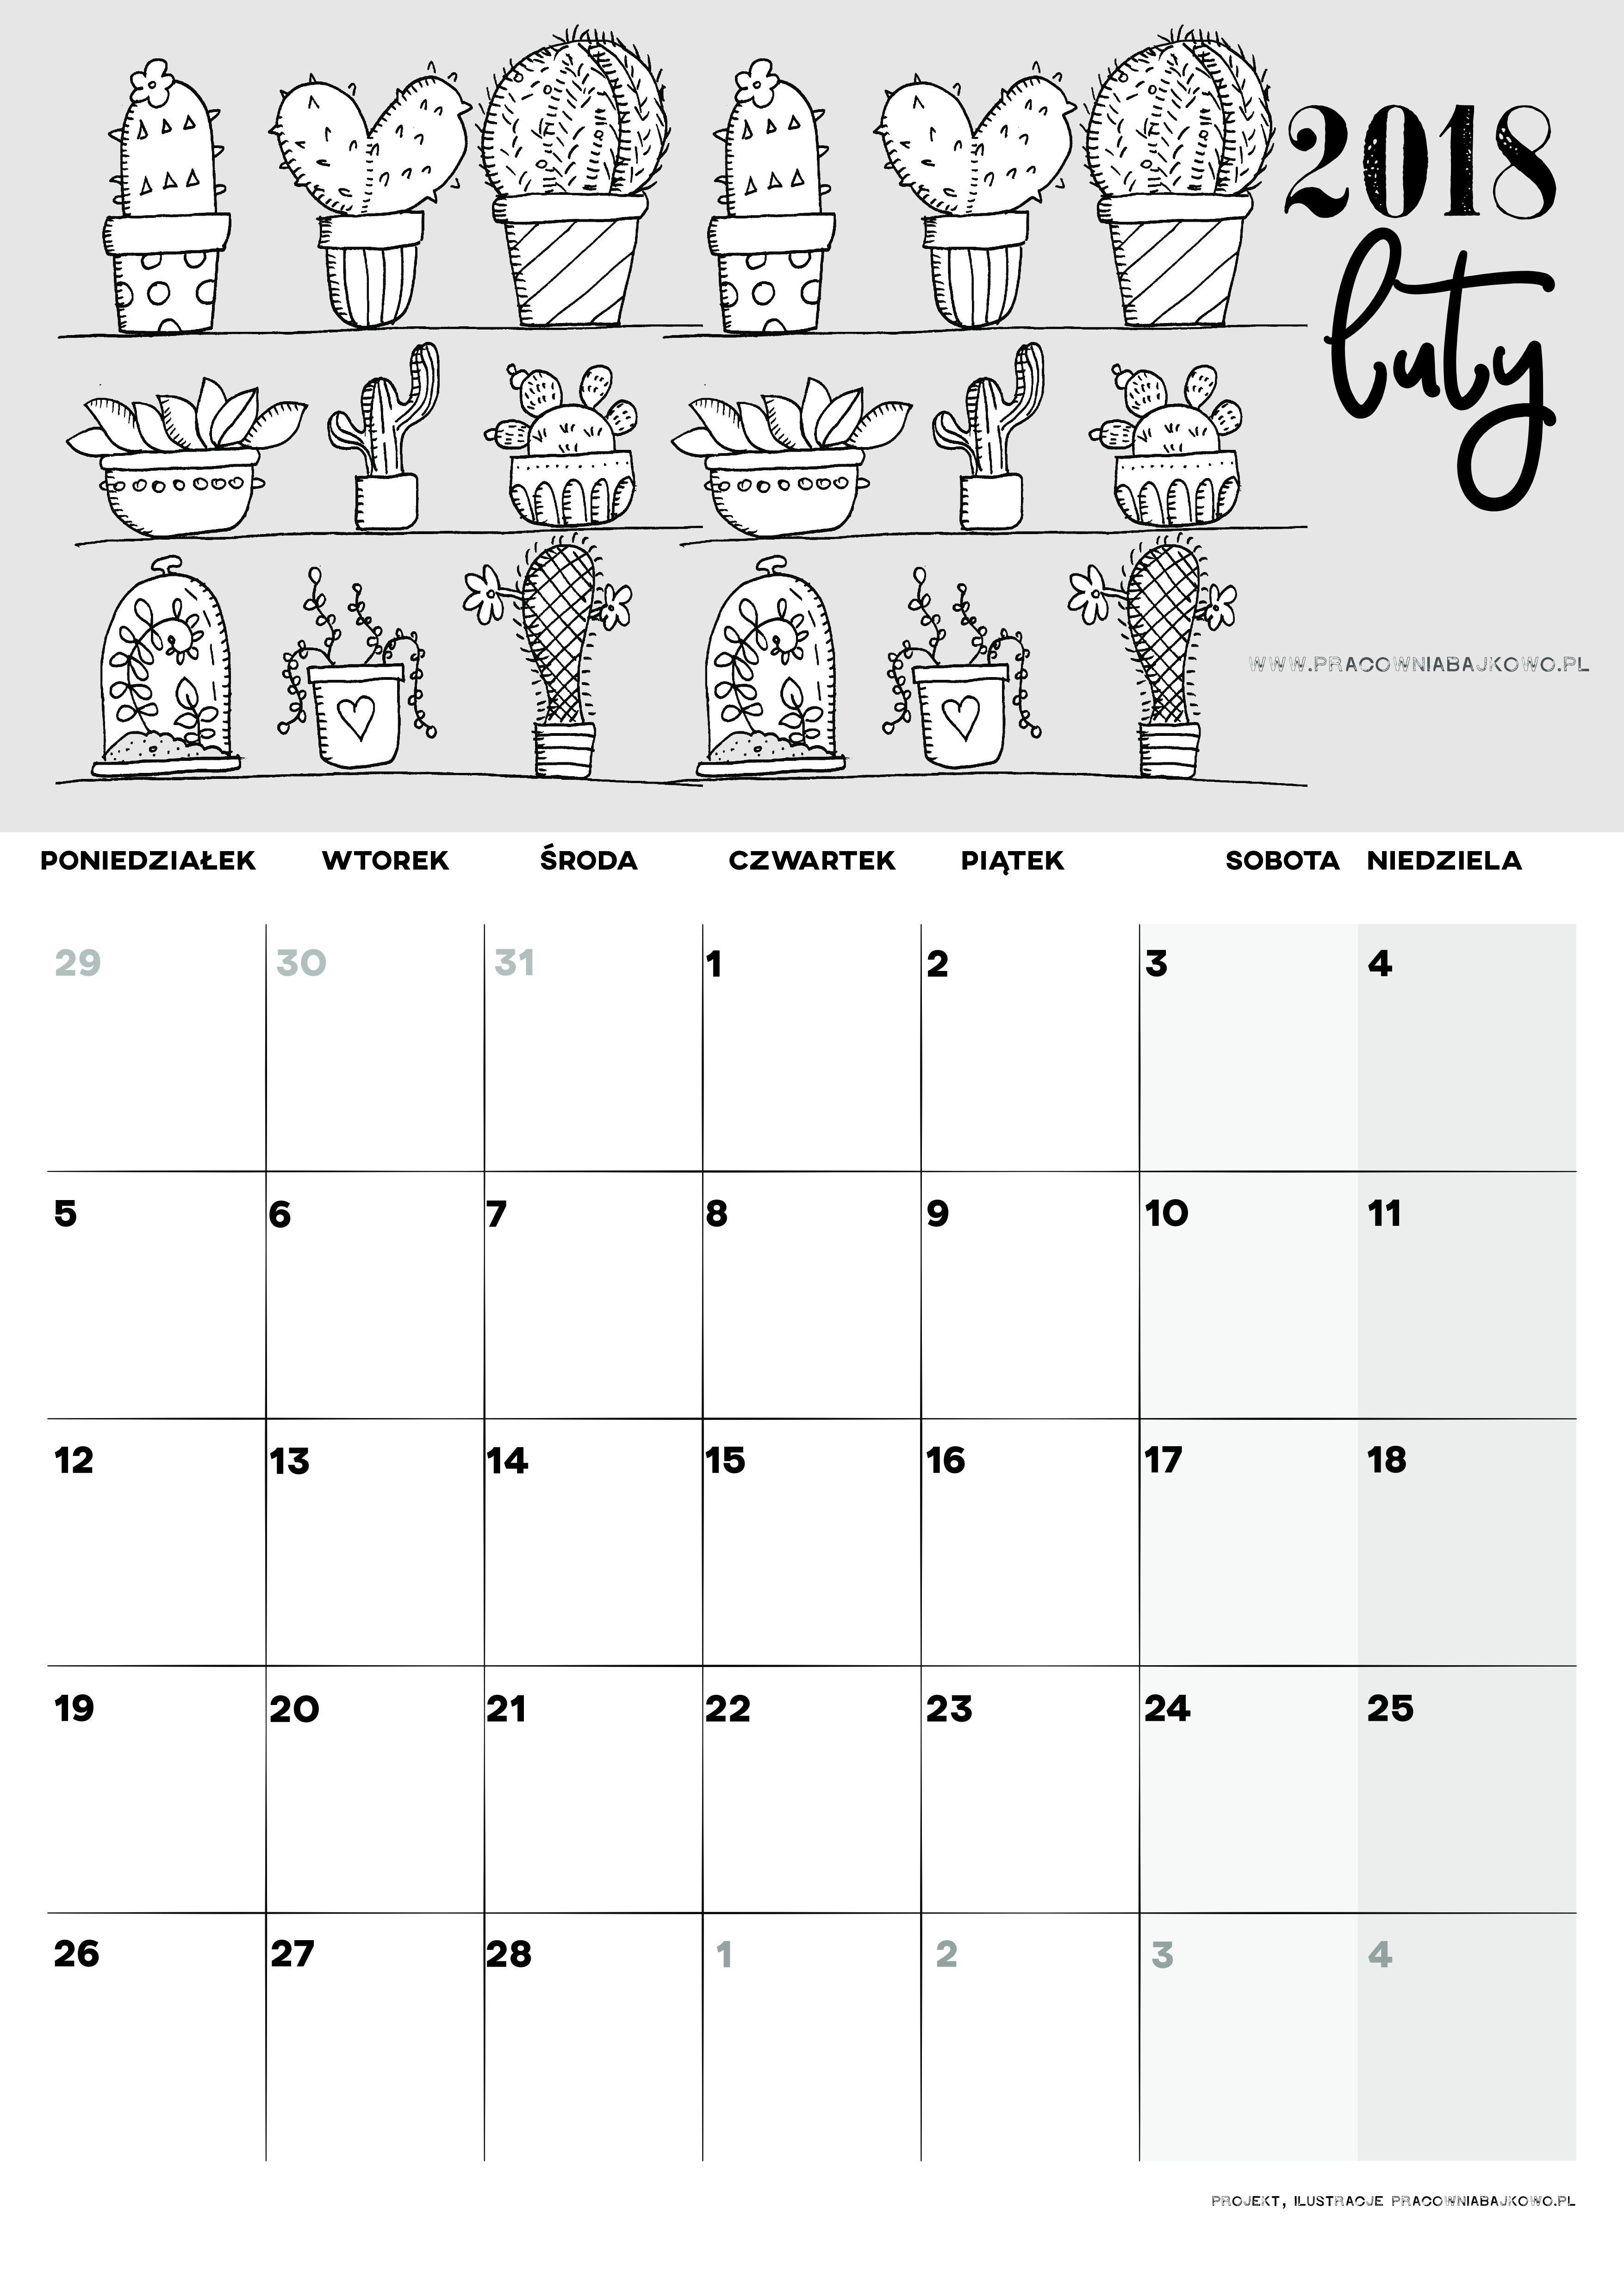 002 luty kalendarz 2018